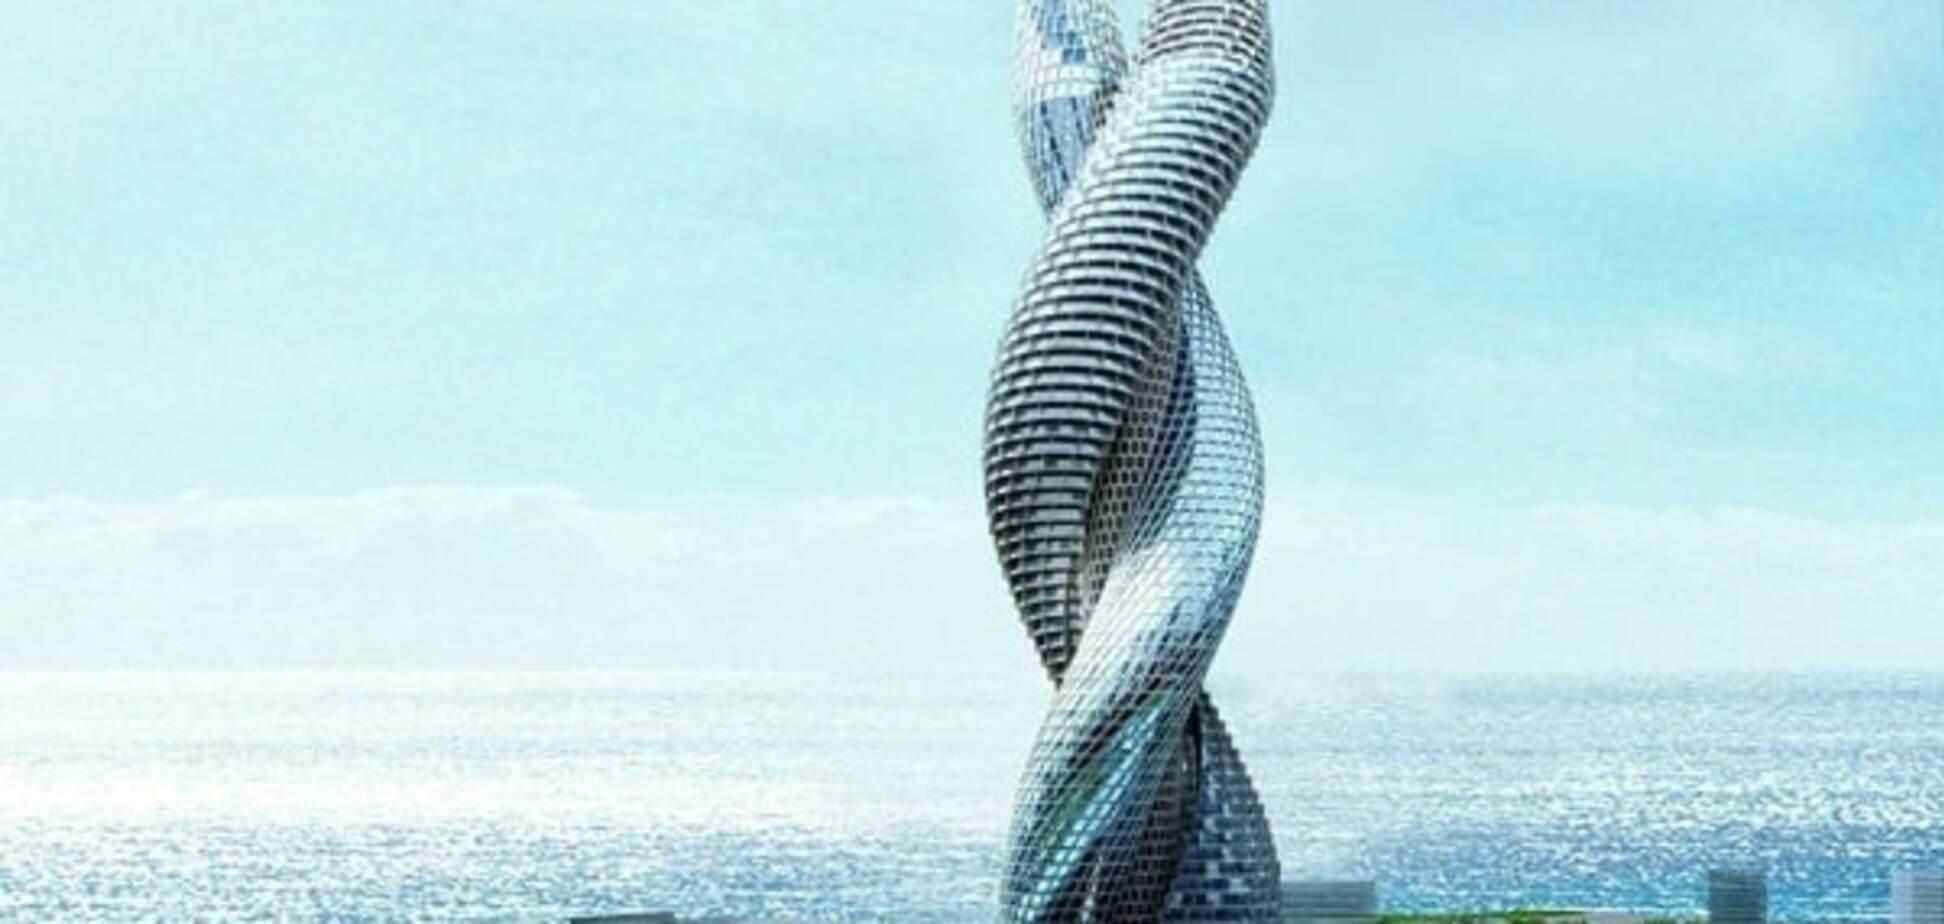 Нереальная реальность: топ-11 фантастических проектов мировой архитектуры